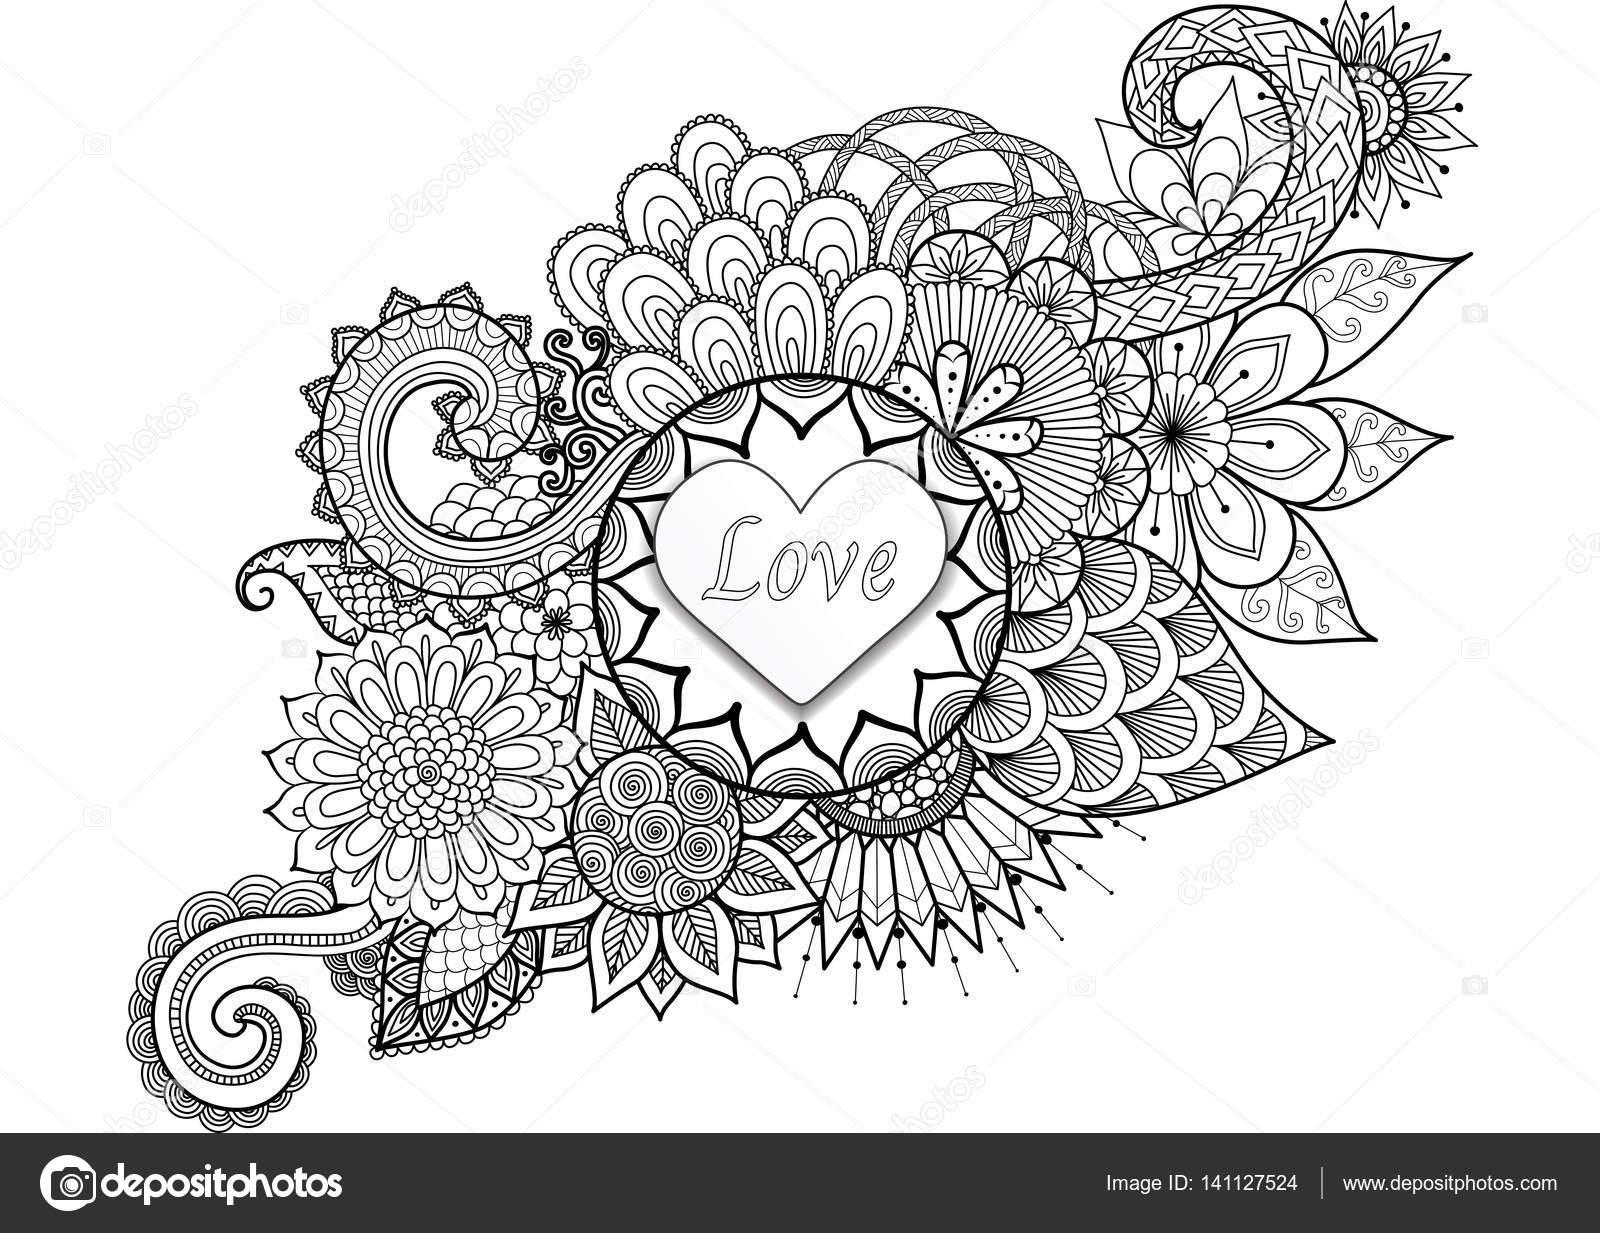 Forma Con La Palabra 'Amor' Del Corazón Sobre Fondo Floral